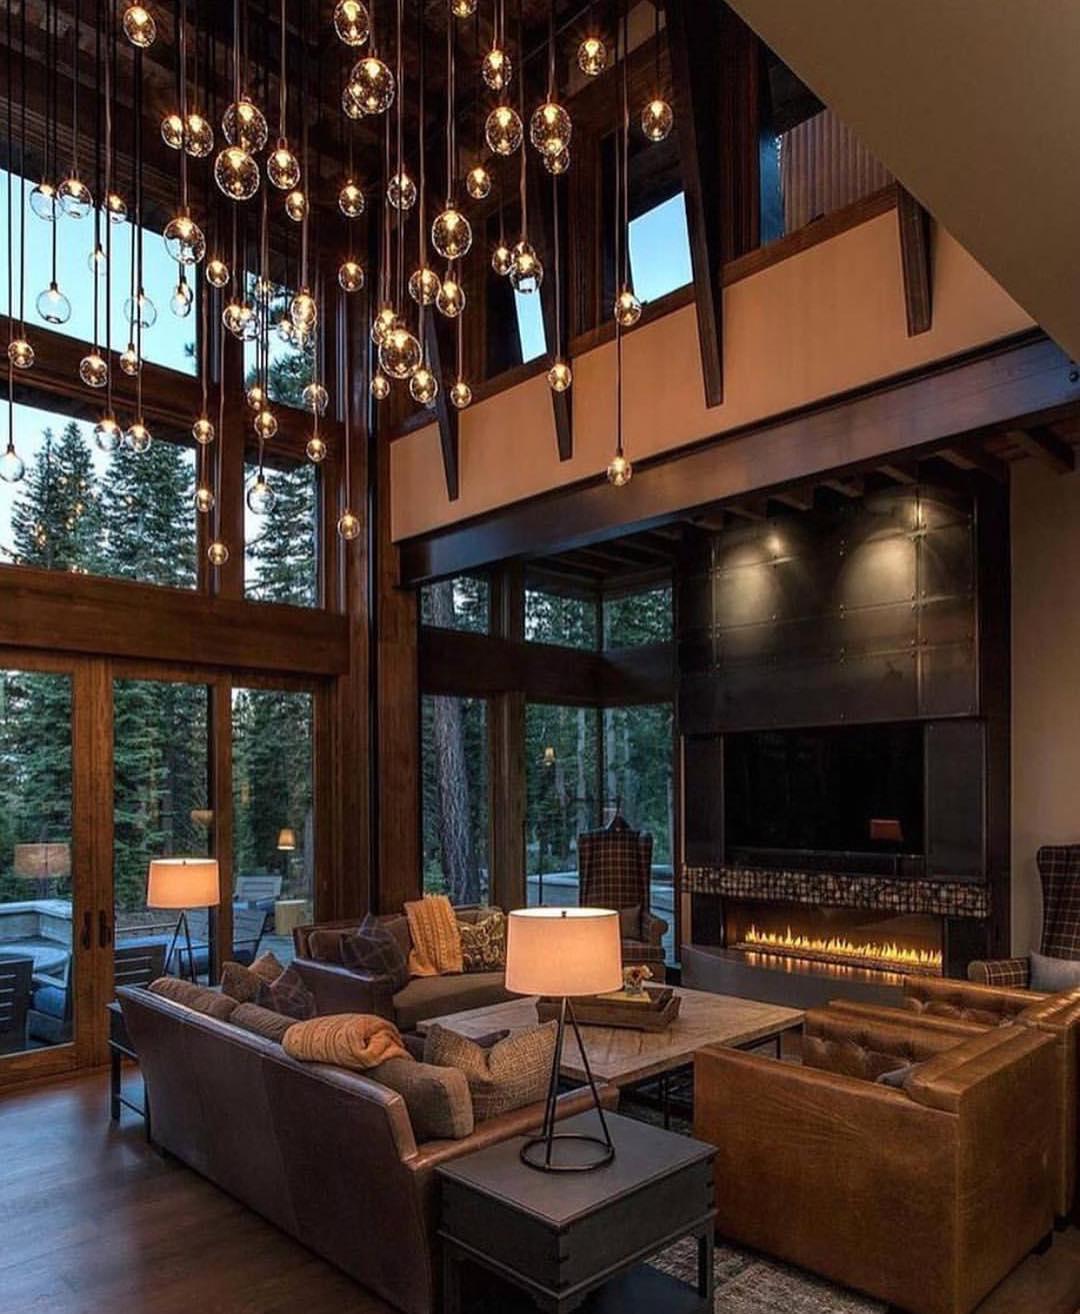 60+ Interior Architecture & Design Ideas